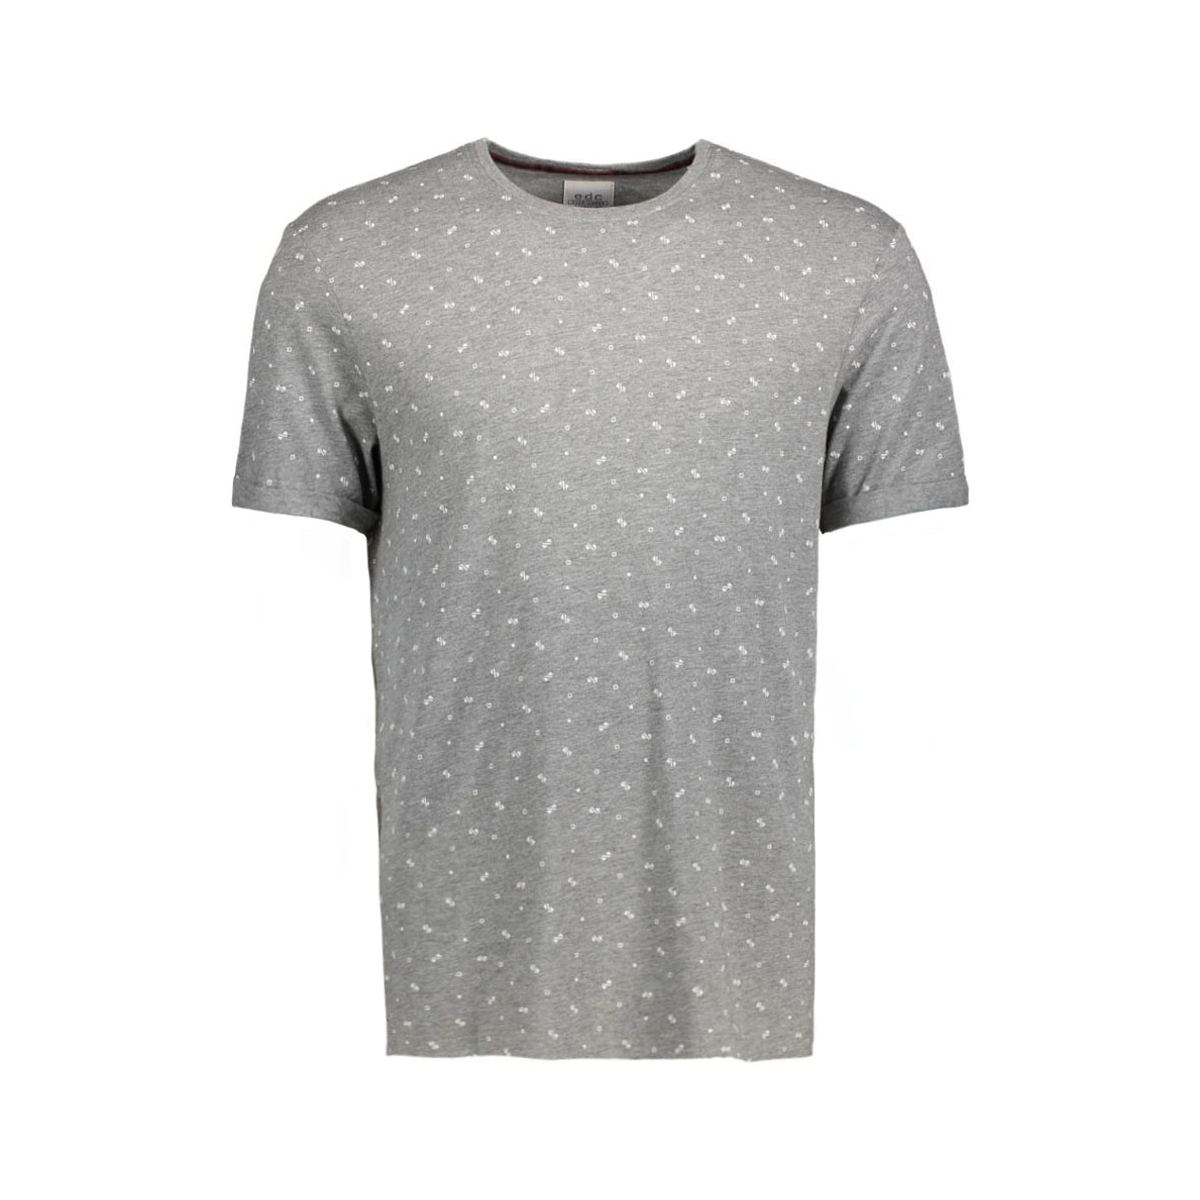 106cc2k015 edc t-shirt c035